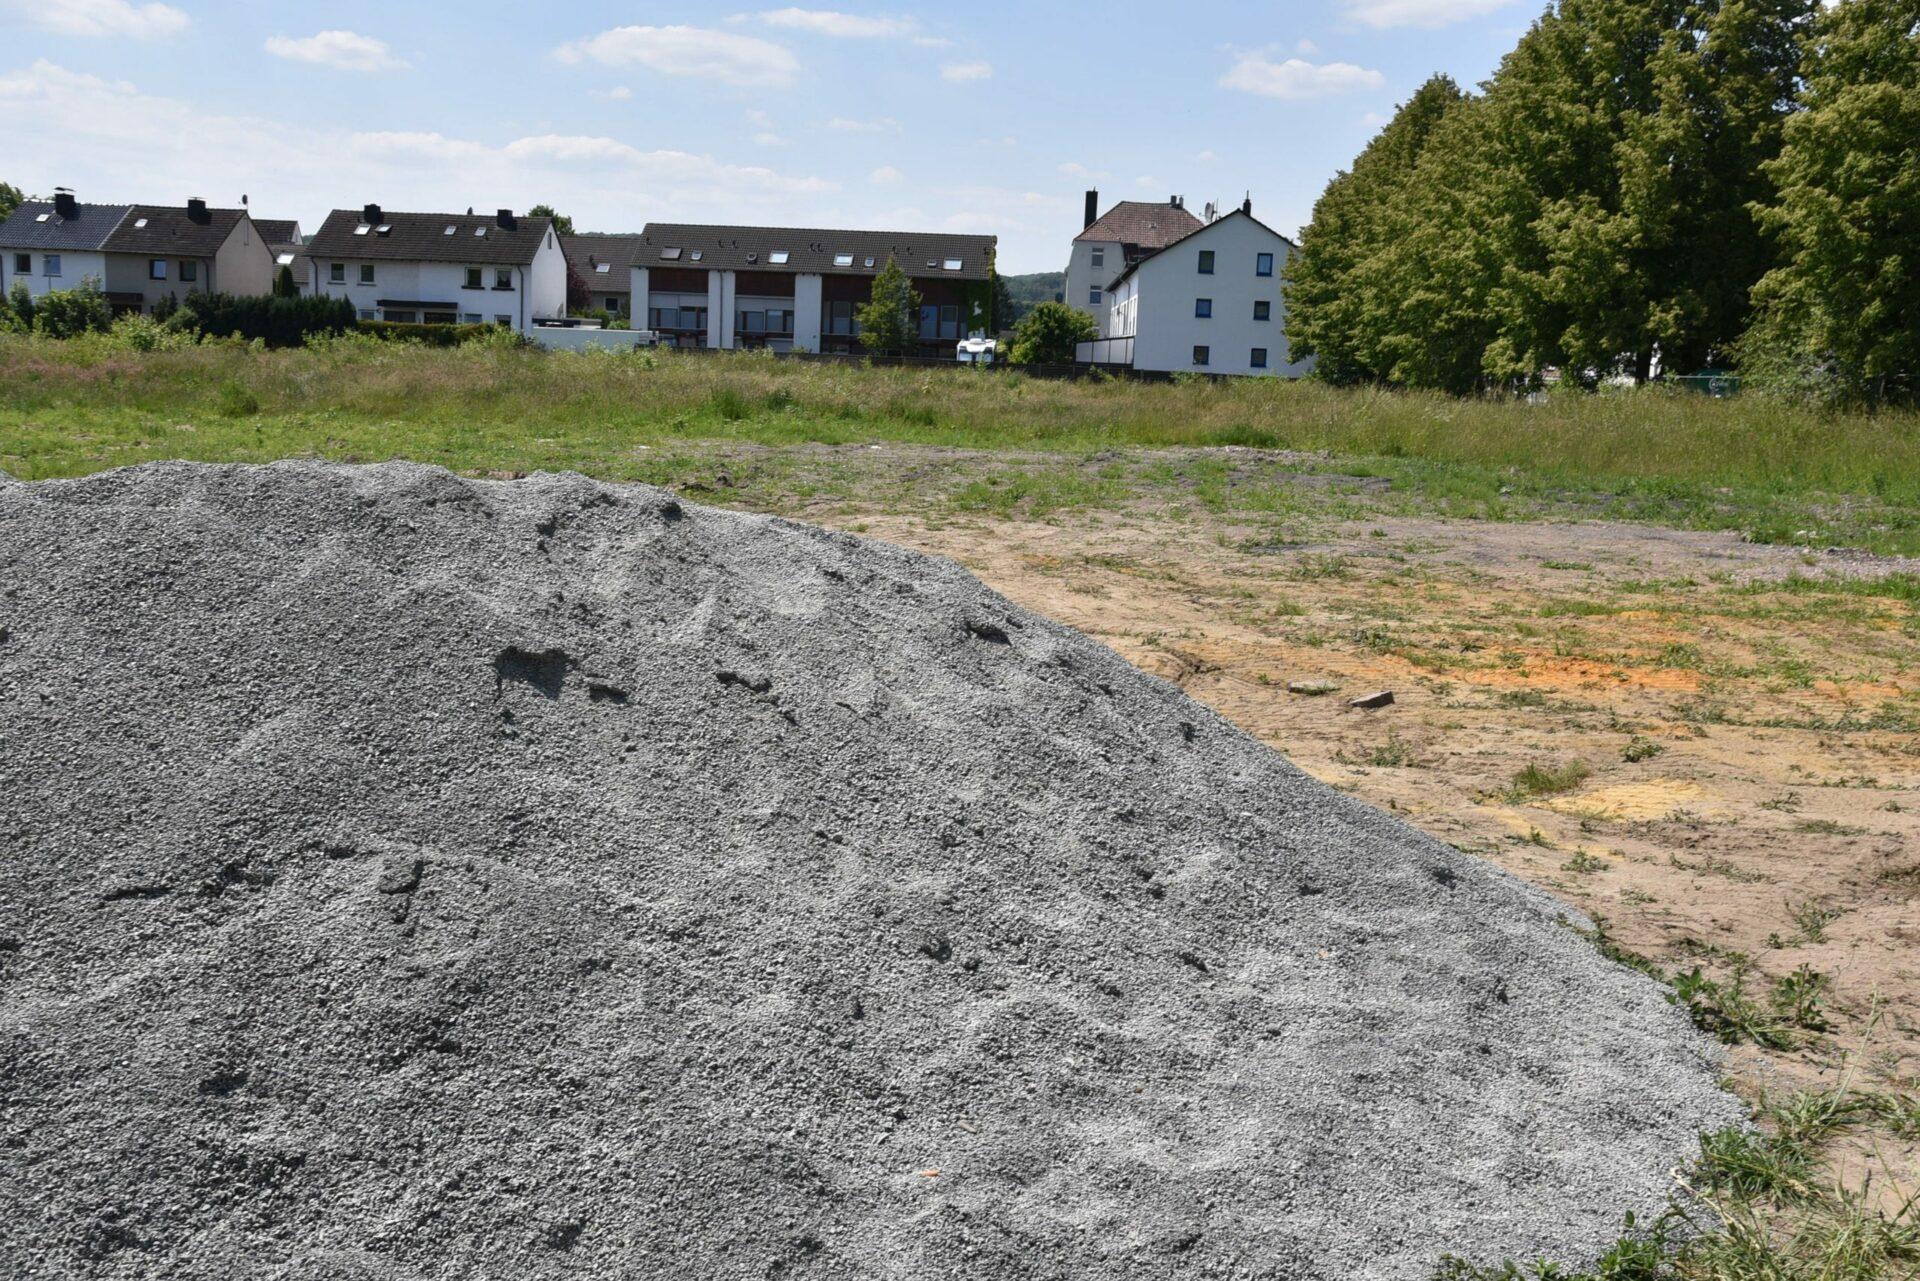 64 öffentlich geförderte Wohnungen: Bebauungsplan Rosenweg liegt aus